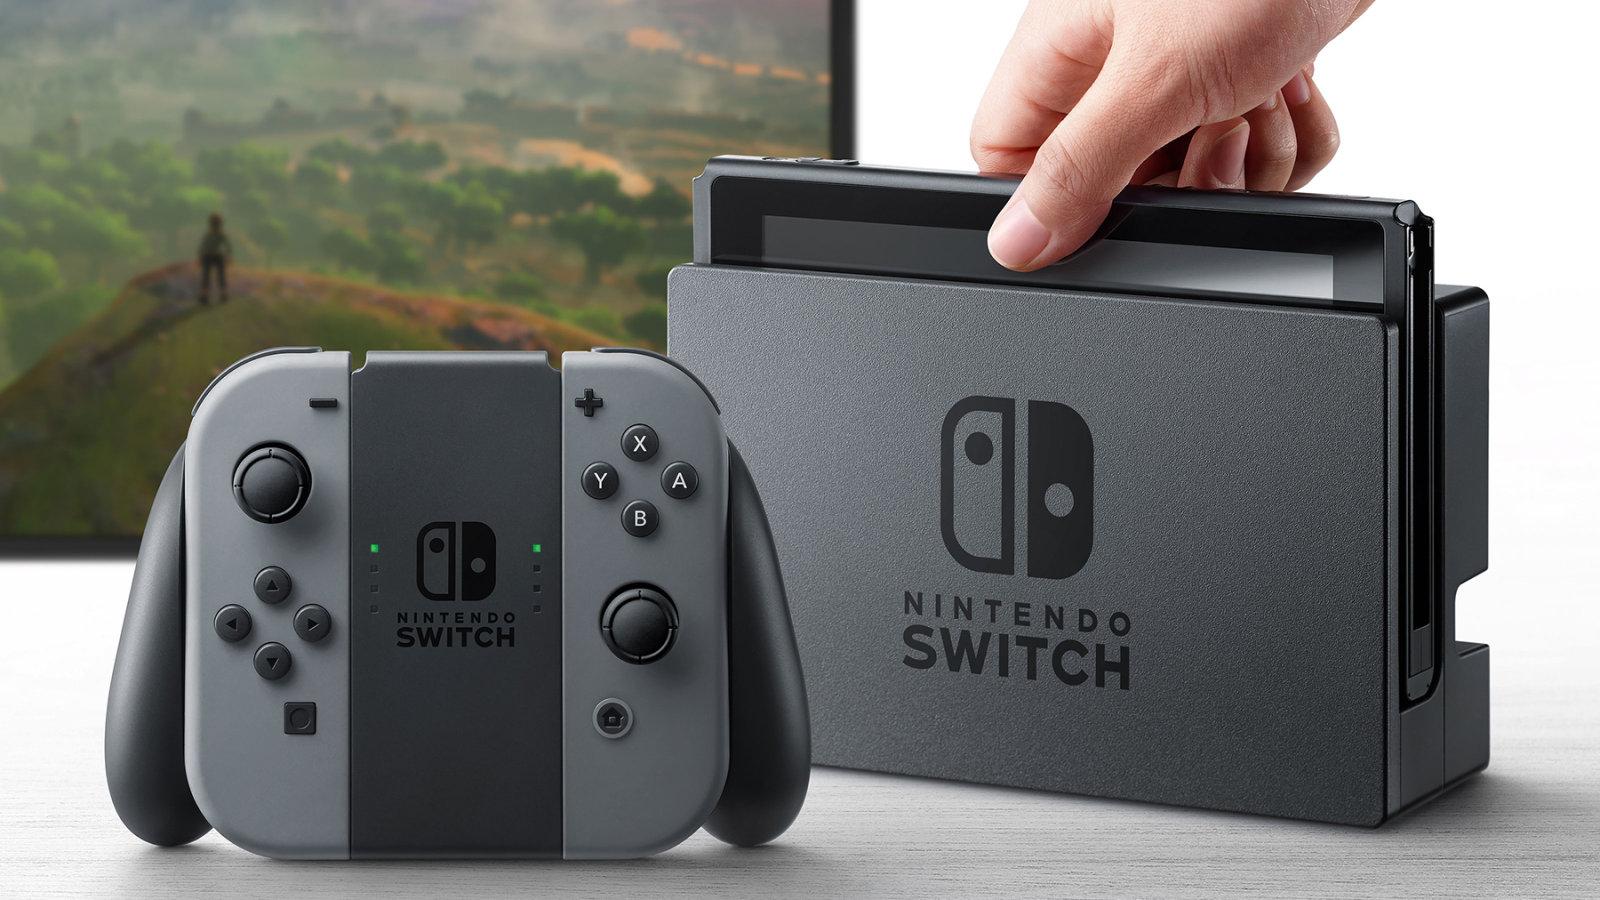 任天堂 eShop 網路商城購買的遊戲,在 Switch 上將會綁定帳號而非主機